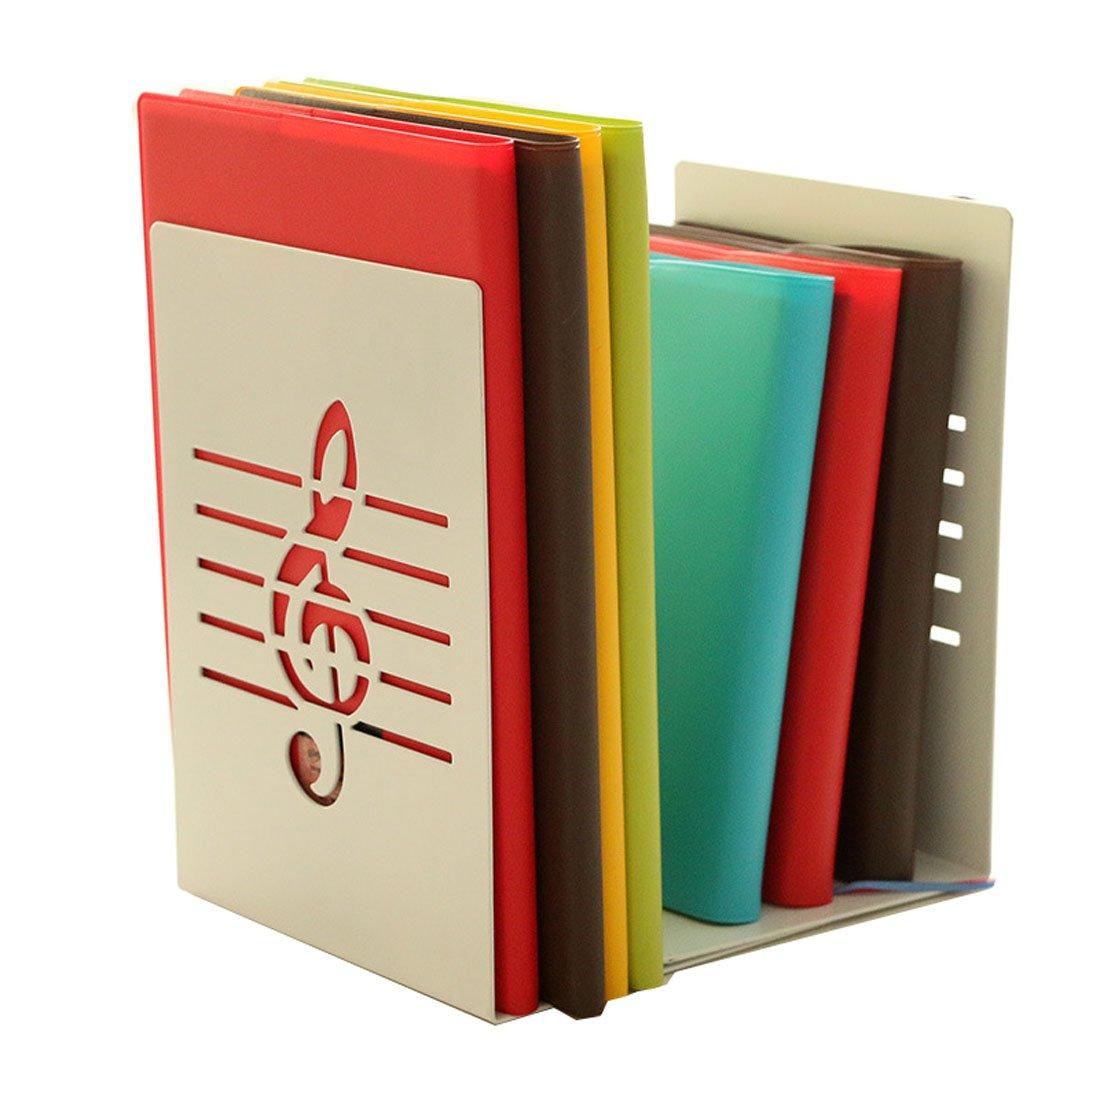 Winterworm Un paio di moda creative Music note Book supporto Reggilibri in metallo solido per bambini Music Lover Home Office decorazione White No Model